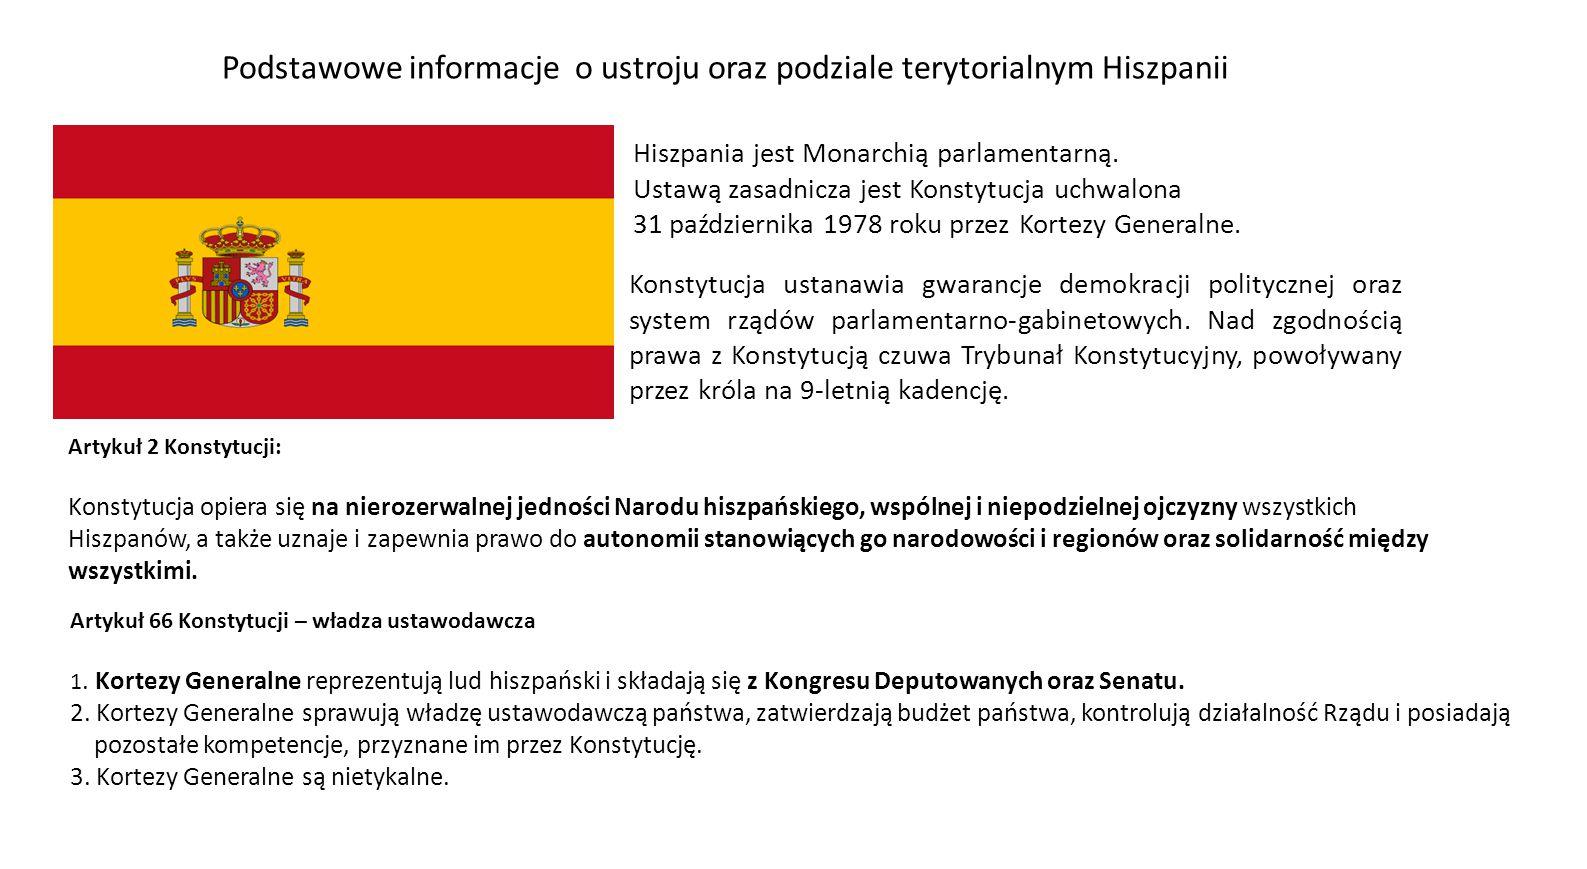 Hiszpania jest Monarchią parlamentarną. Ustawą zasadnicza jest Konstytucja uchwalona 31 października 1978 roku przez Kortezy Generalne. Artykuł 2 Kons